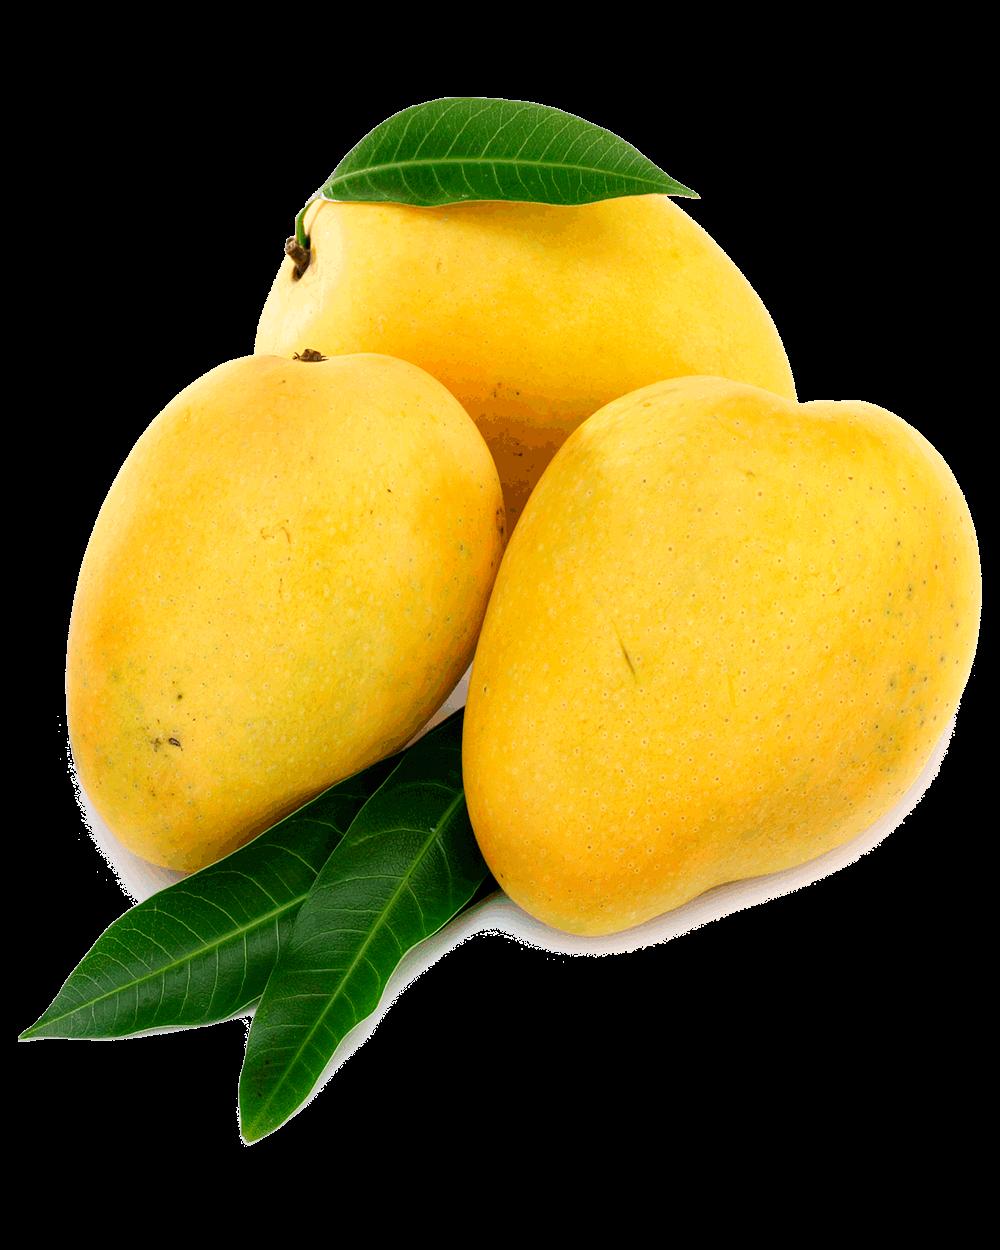 Delicious Mango Mango Png Image Mango Clipart Fruit Mango Fruits Online